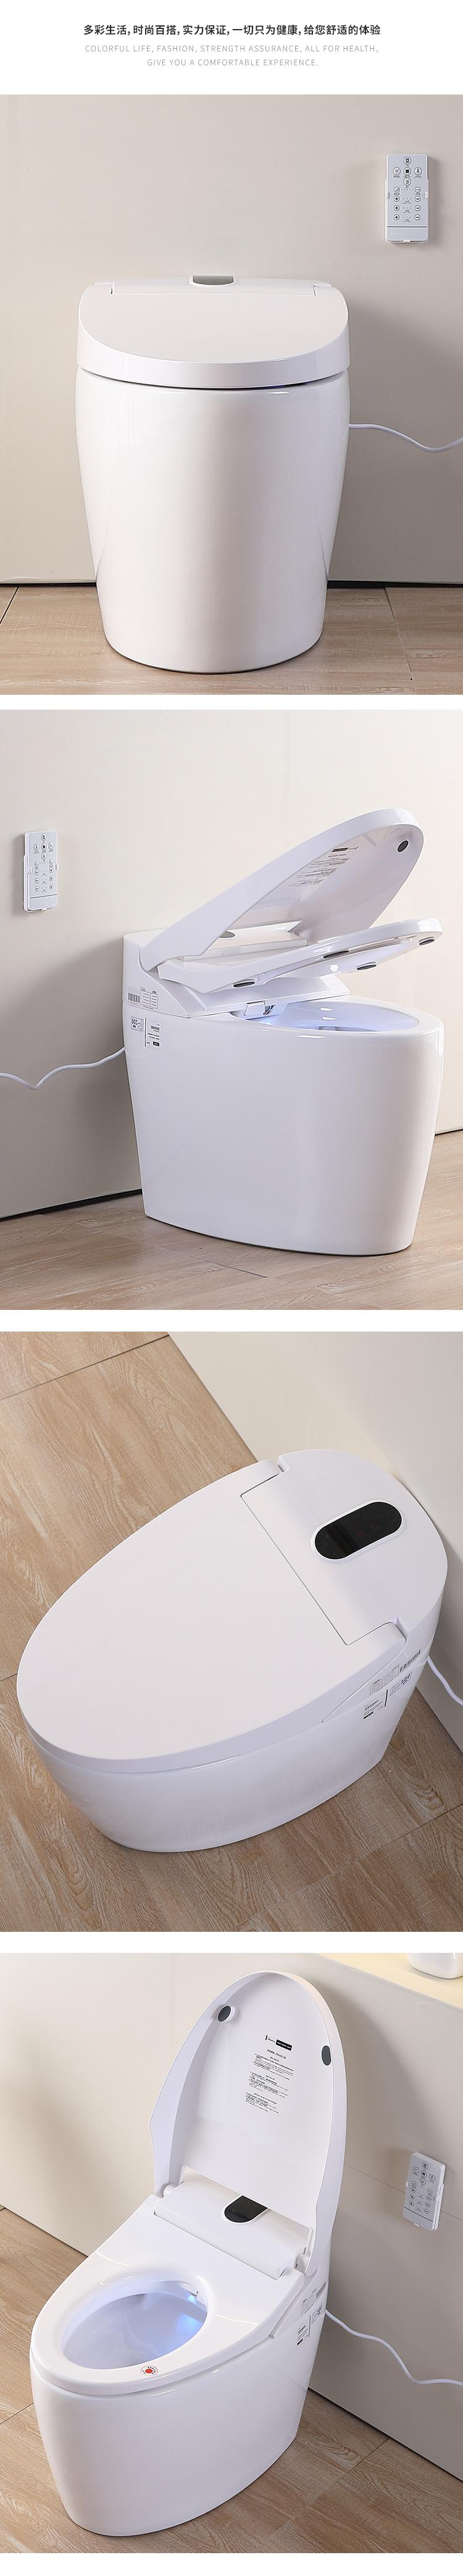 धोने बिजली की बचत बिडे Wc बुद्धिमान स्मार्ट शौचालय में सफेद